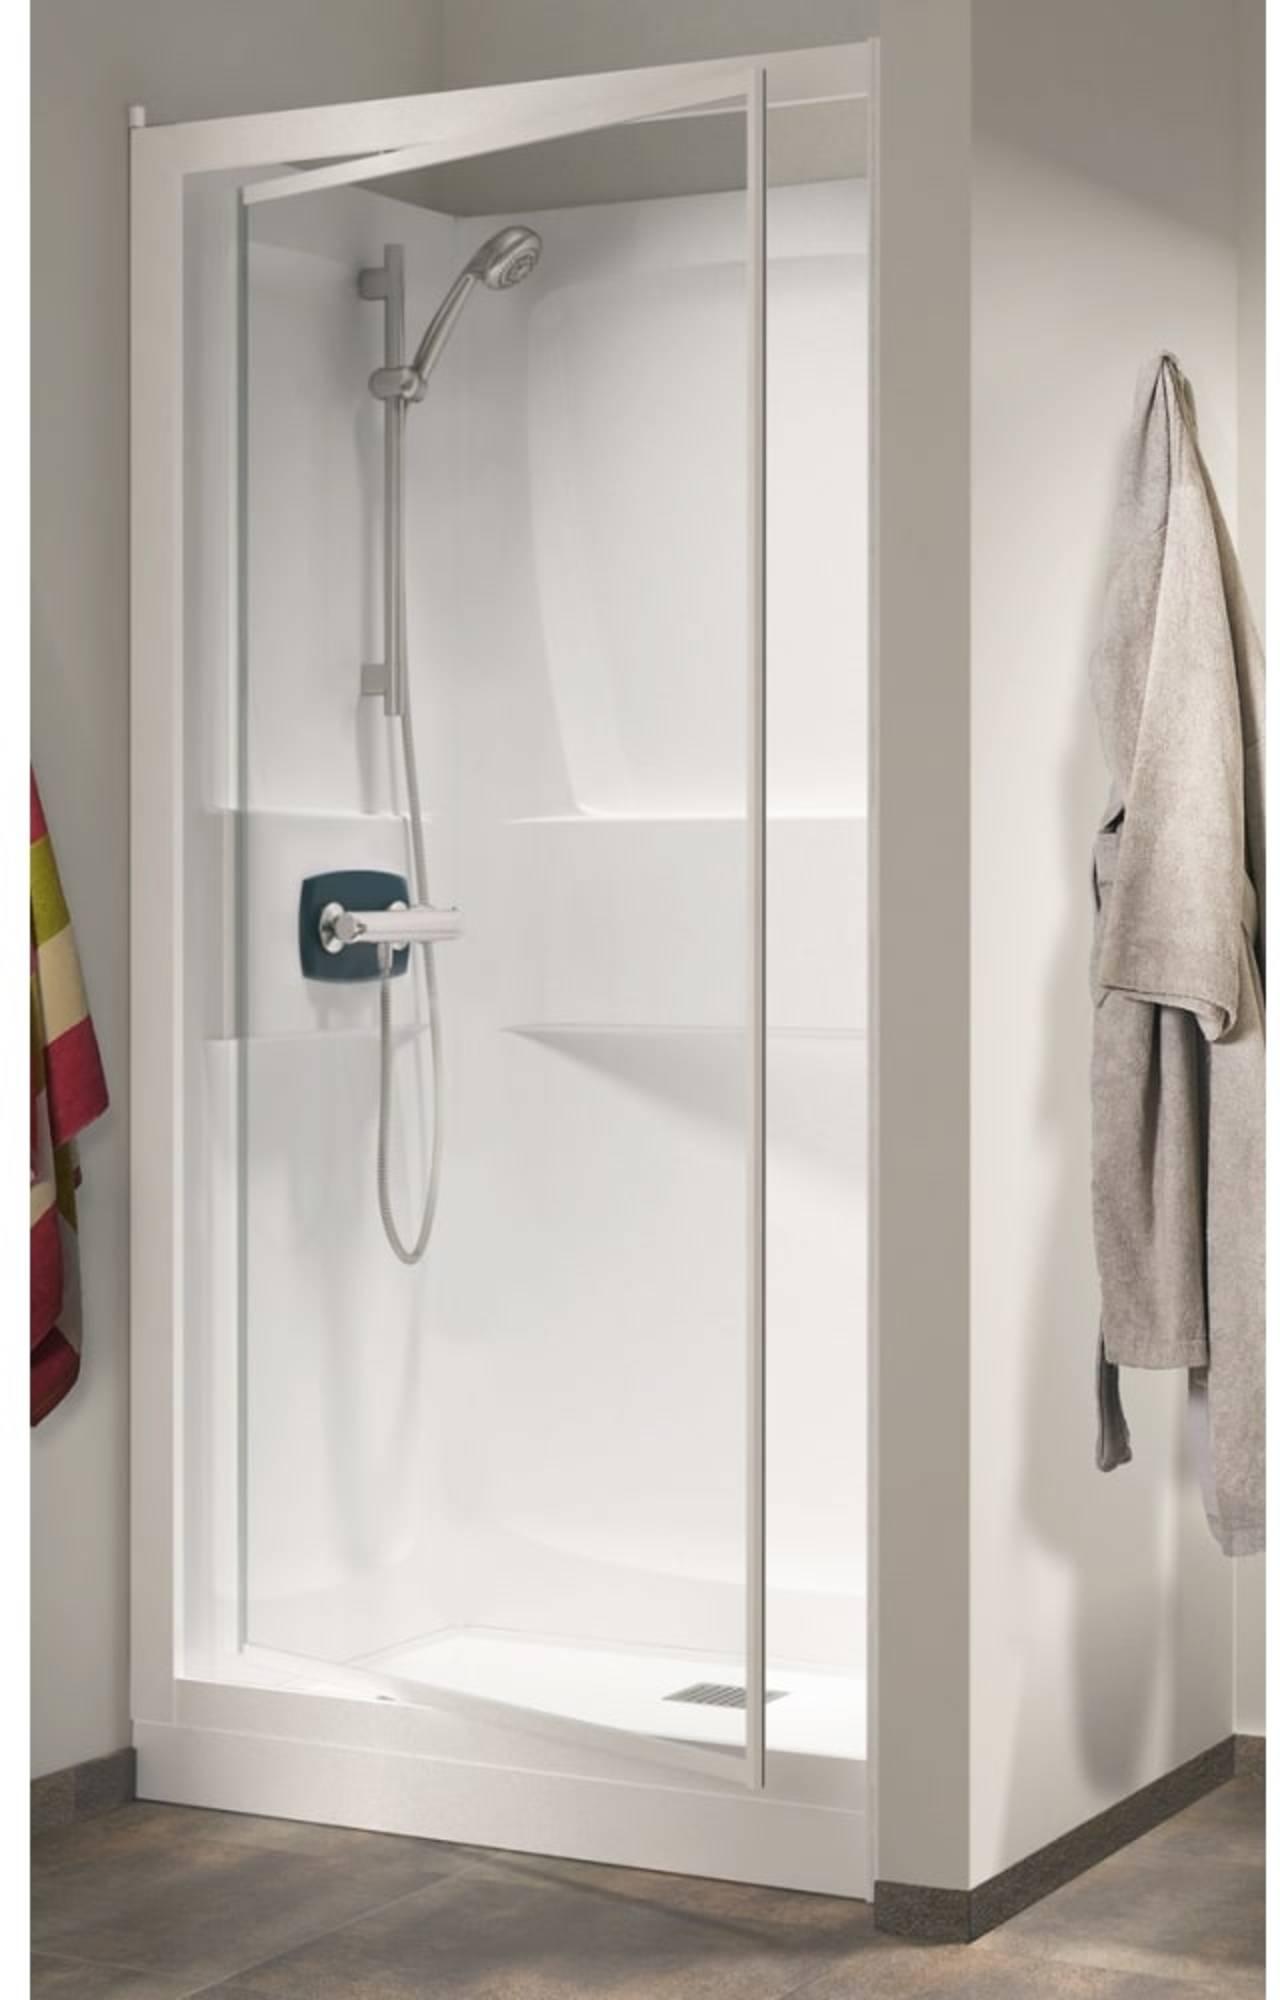 Productafbeelding van Kinedo Kineprime nis cabine 90x90 draaid+thermostaat Douchebak 9cm